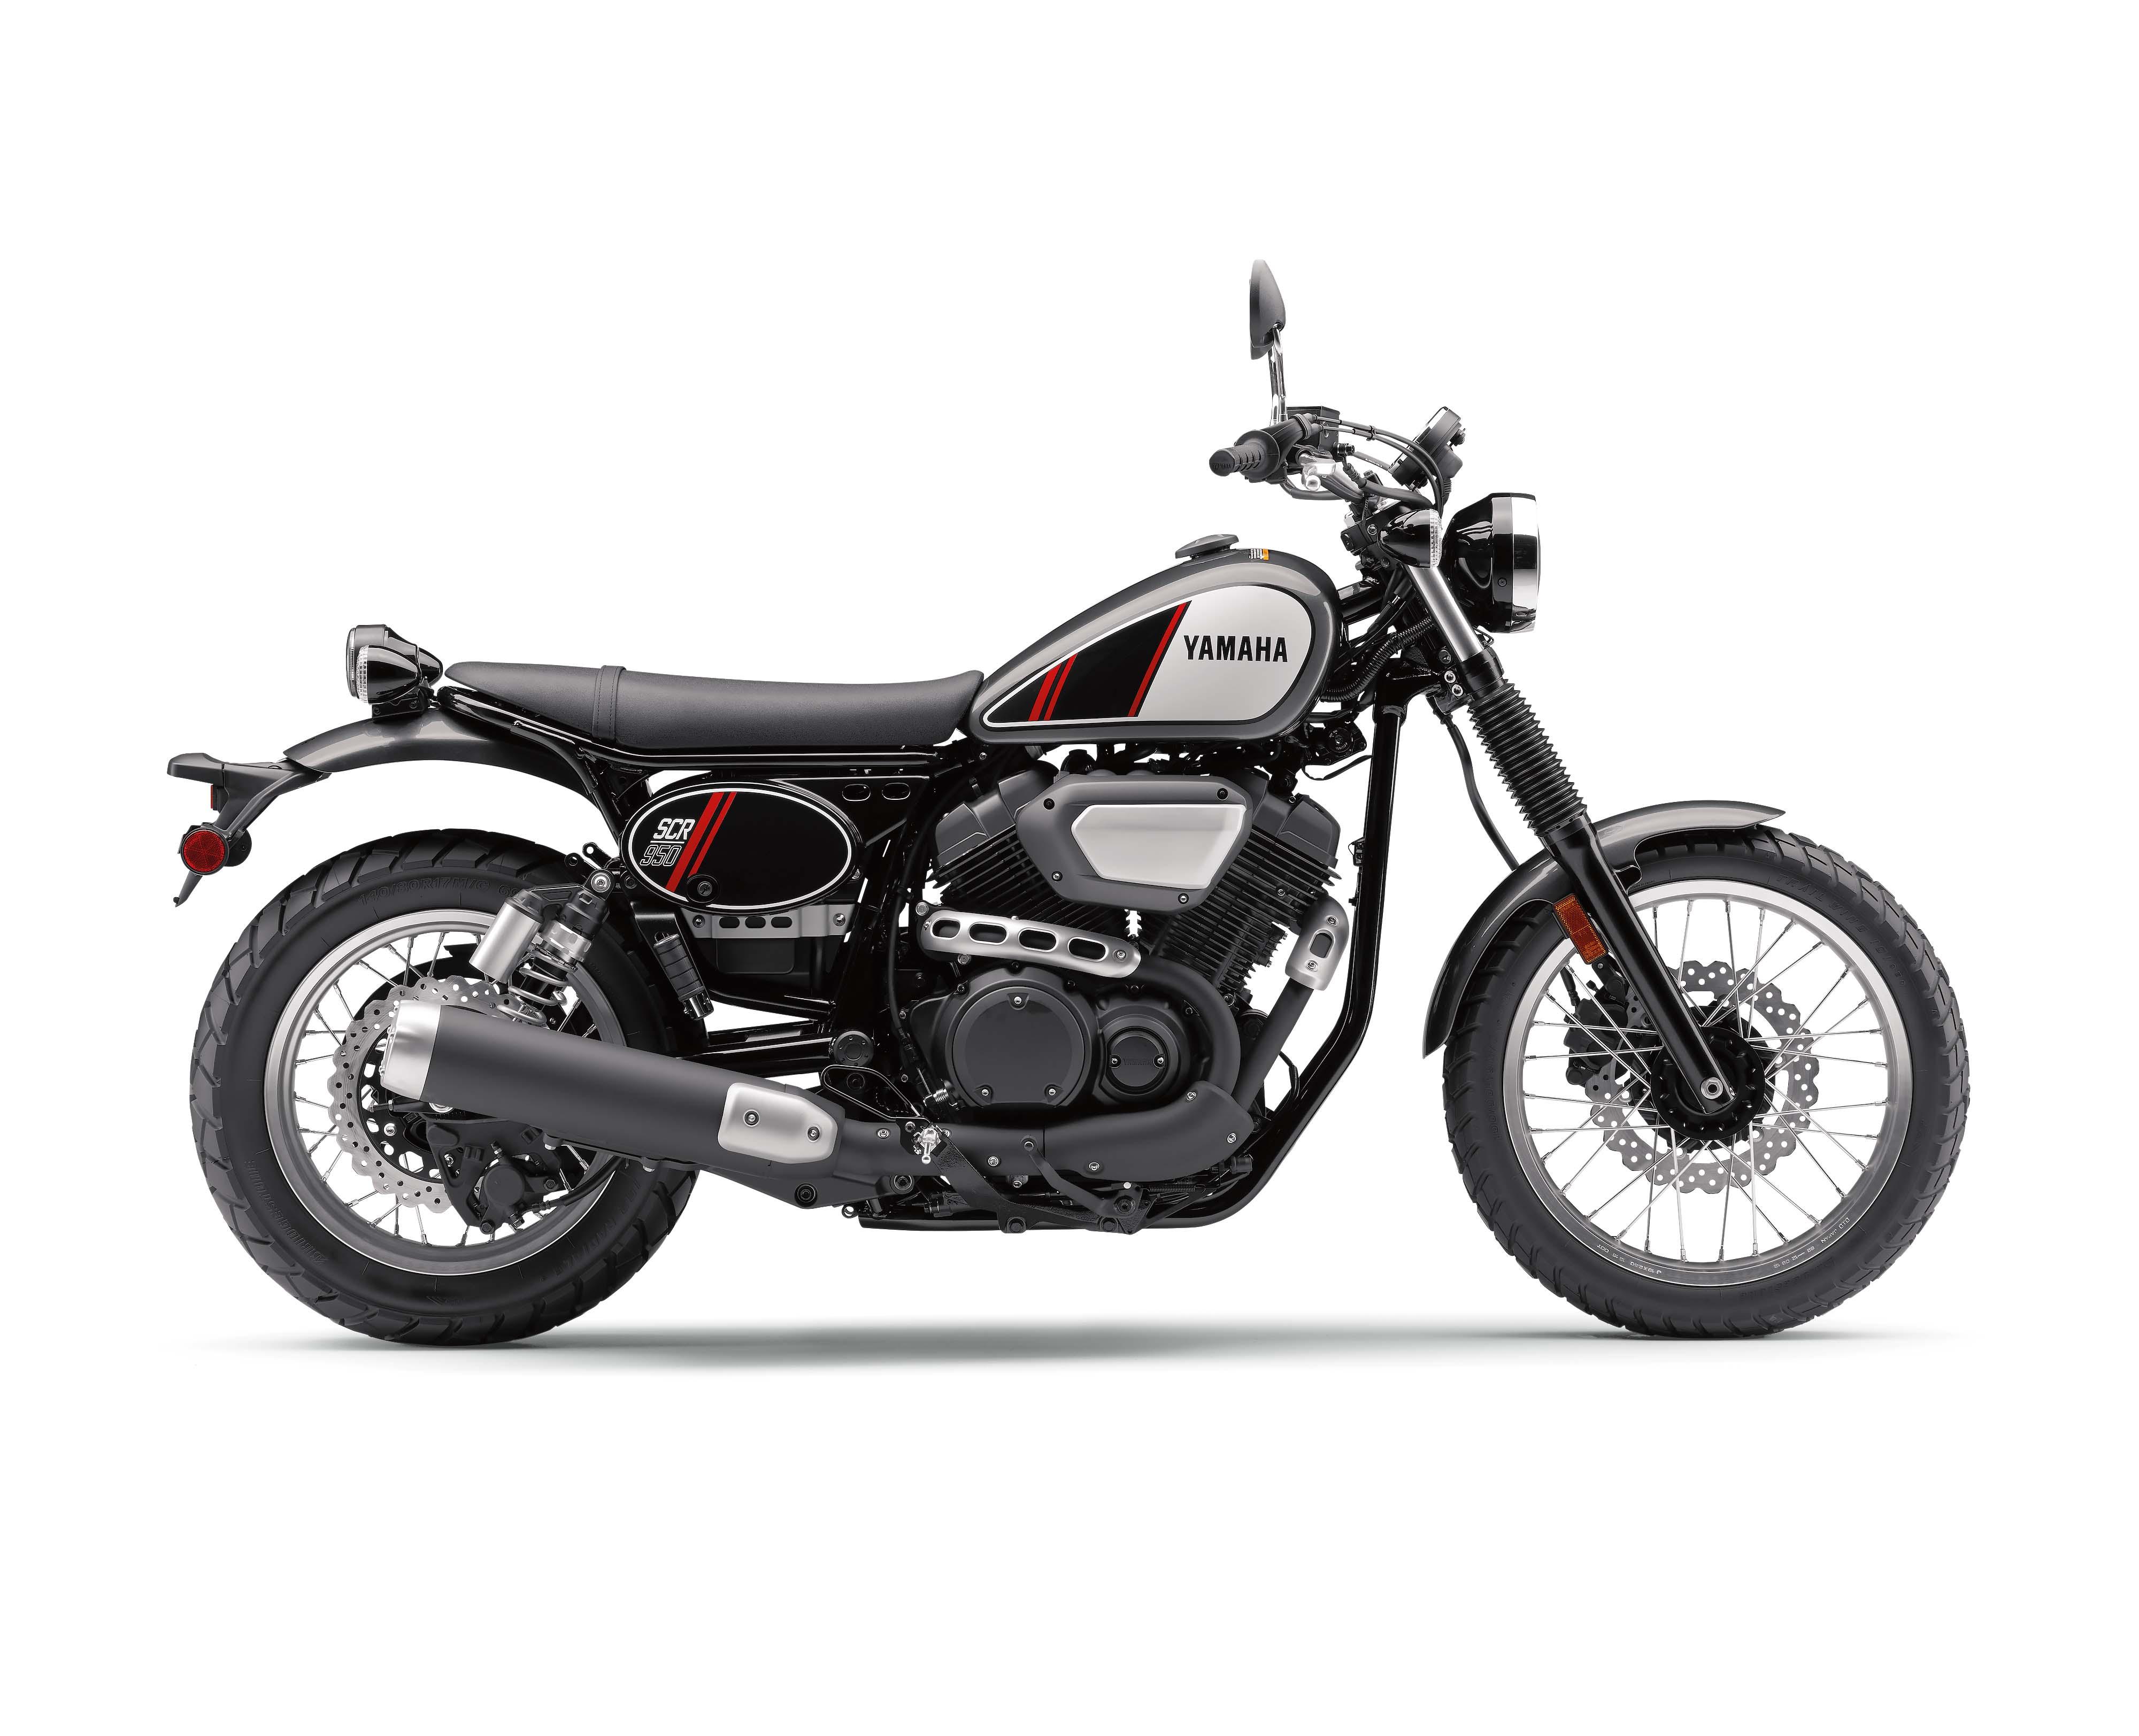 new yamaha scr950 is a bolt based scrambler bikesrepublic. Black Bedroom Furniture Sets. Home Design Ideas